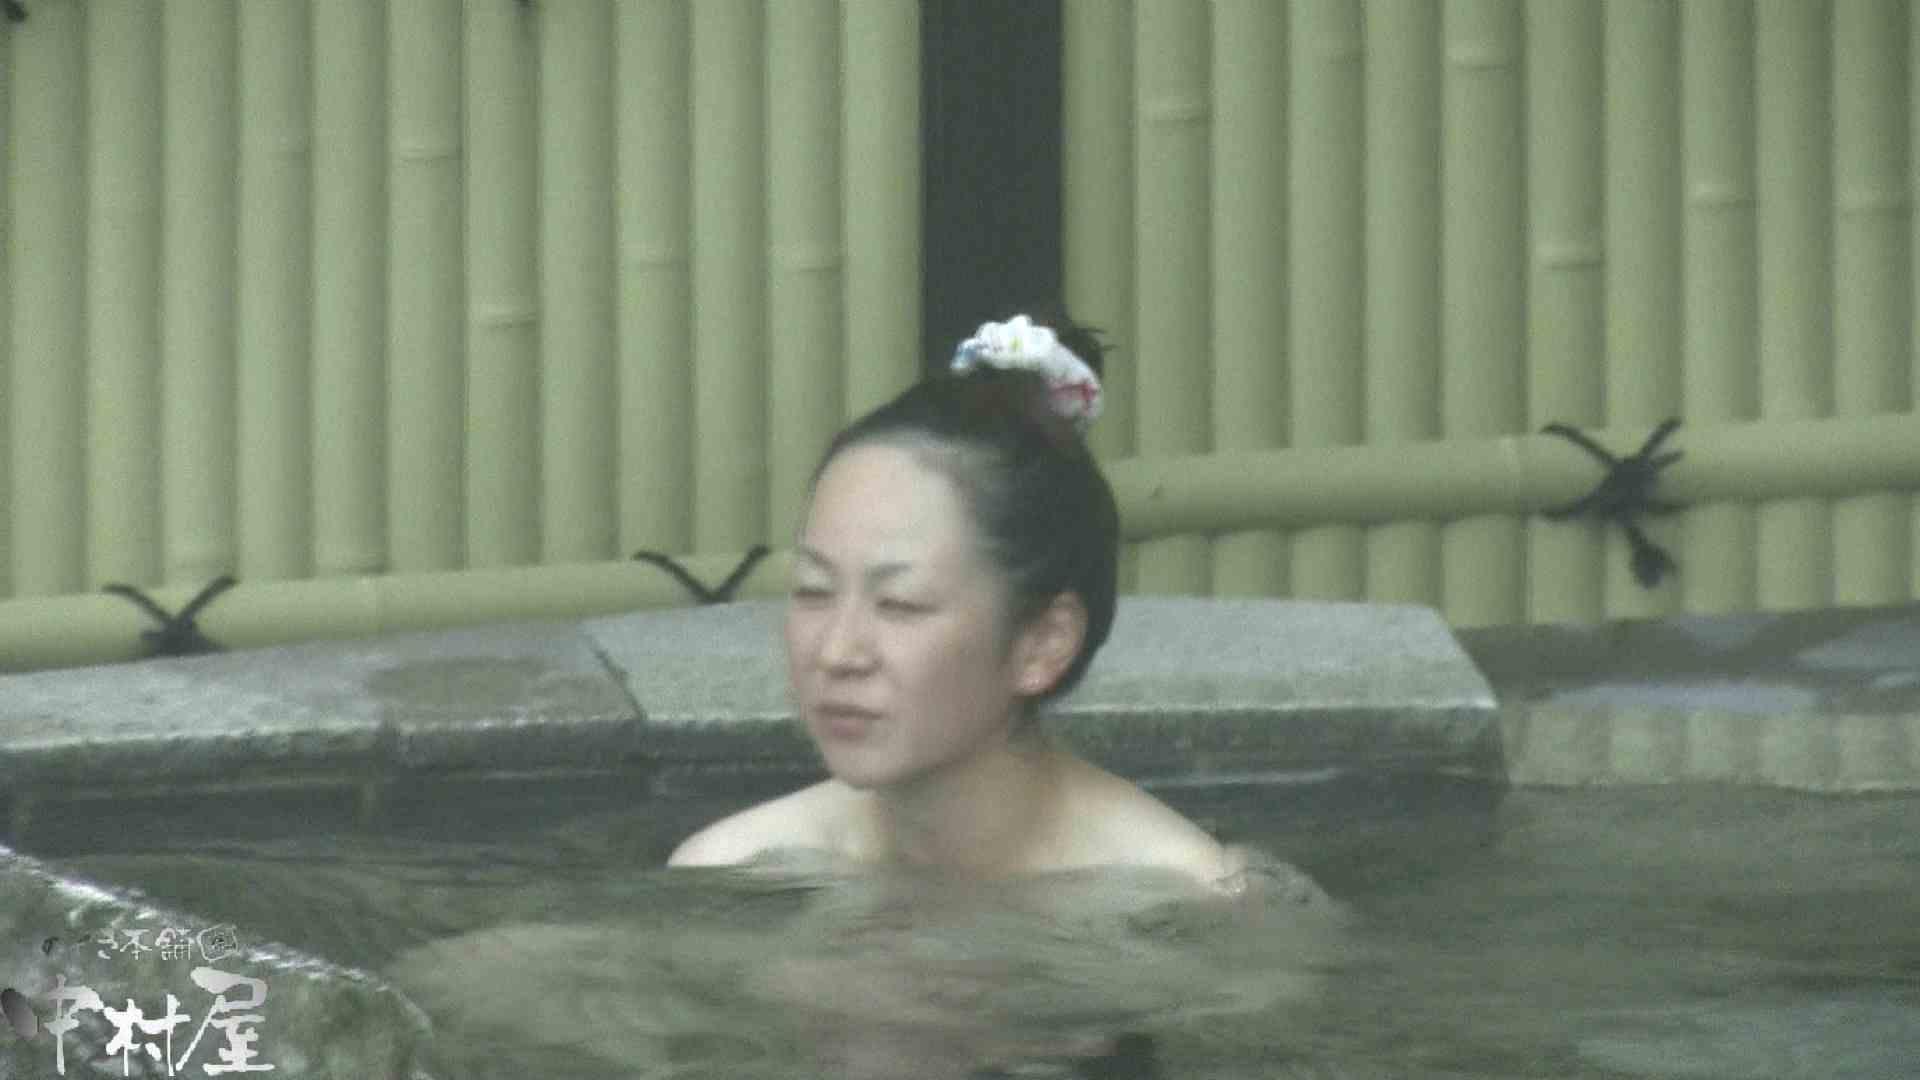 Aquaな露天風呂Vol.911 露天 | 盗撮  107画像 25